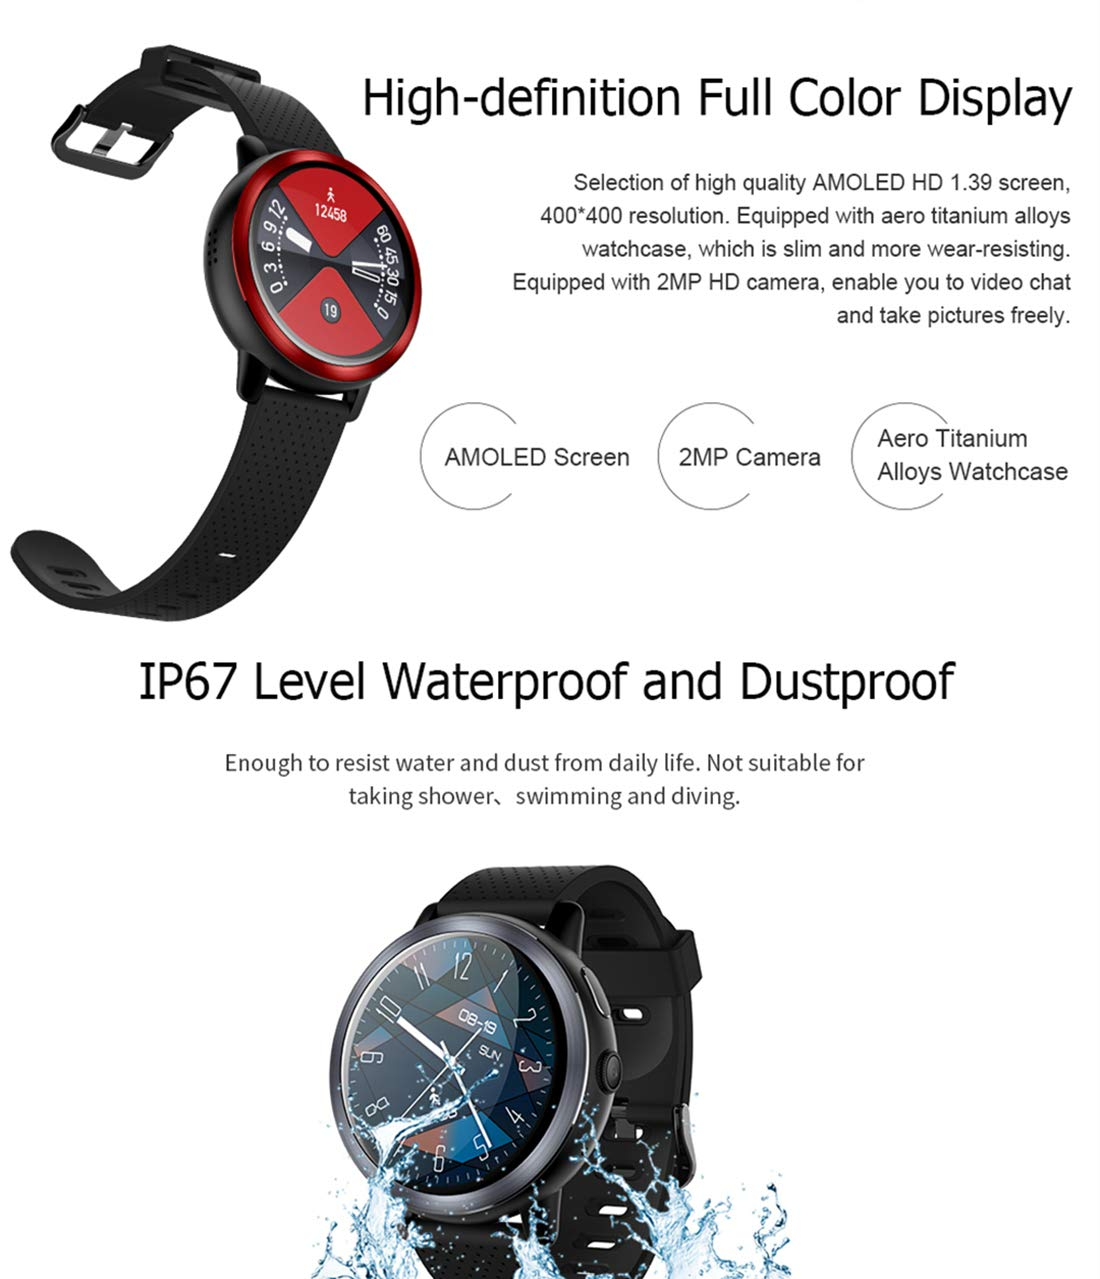 Amazon.com: 4G Smartwatch with 1.39